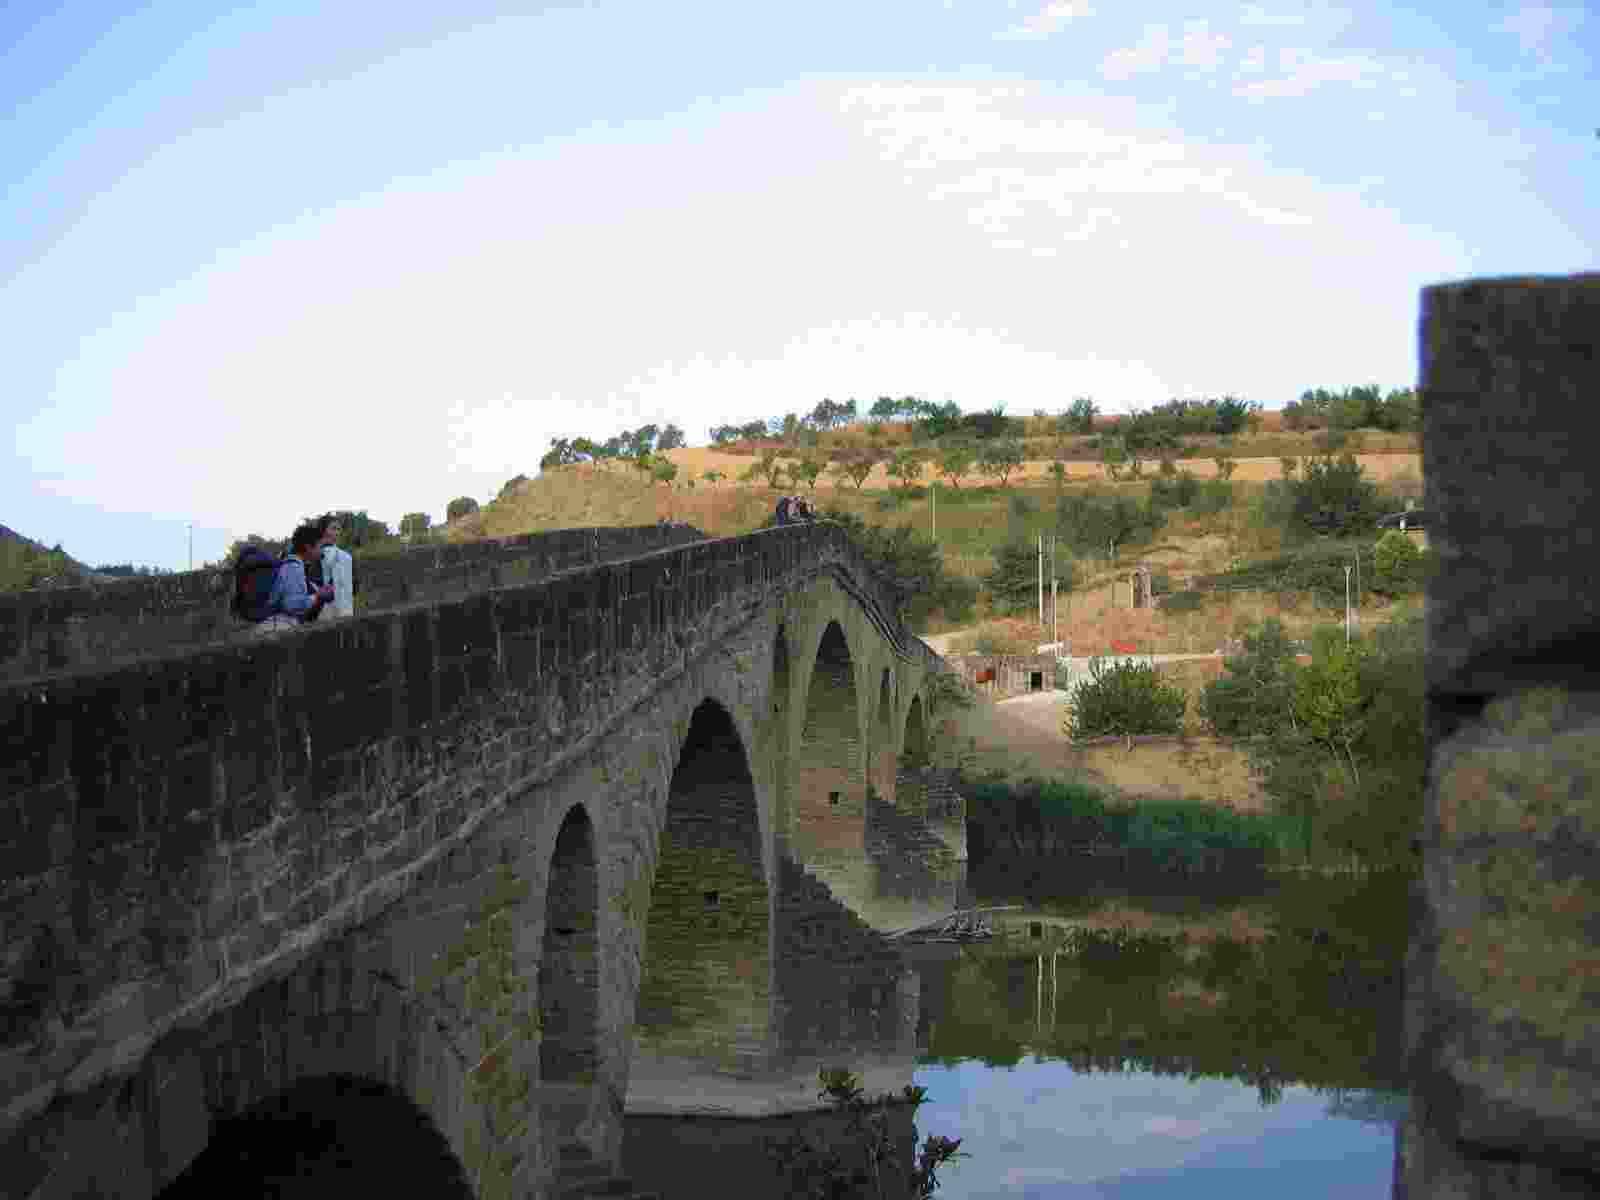 Foto: die Königinnen - Brücke Puente la Reina (Brücke der Königin).